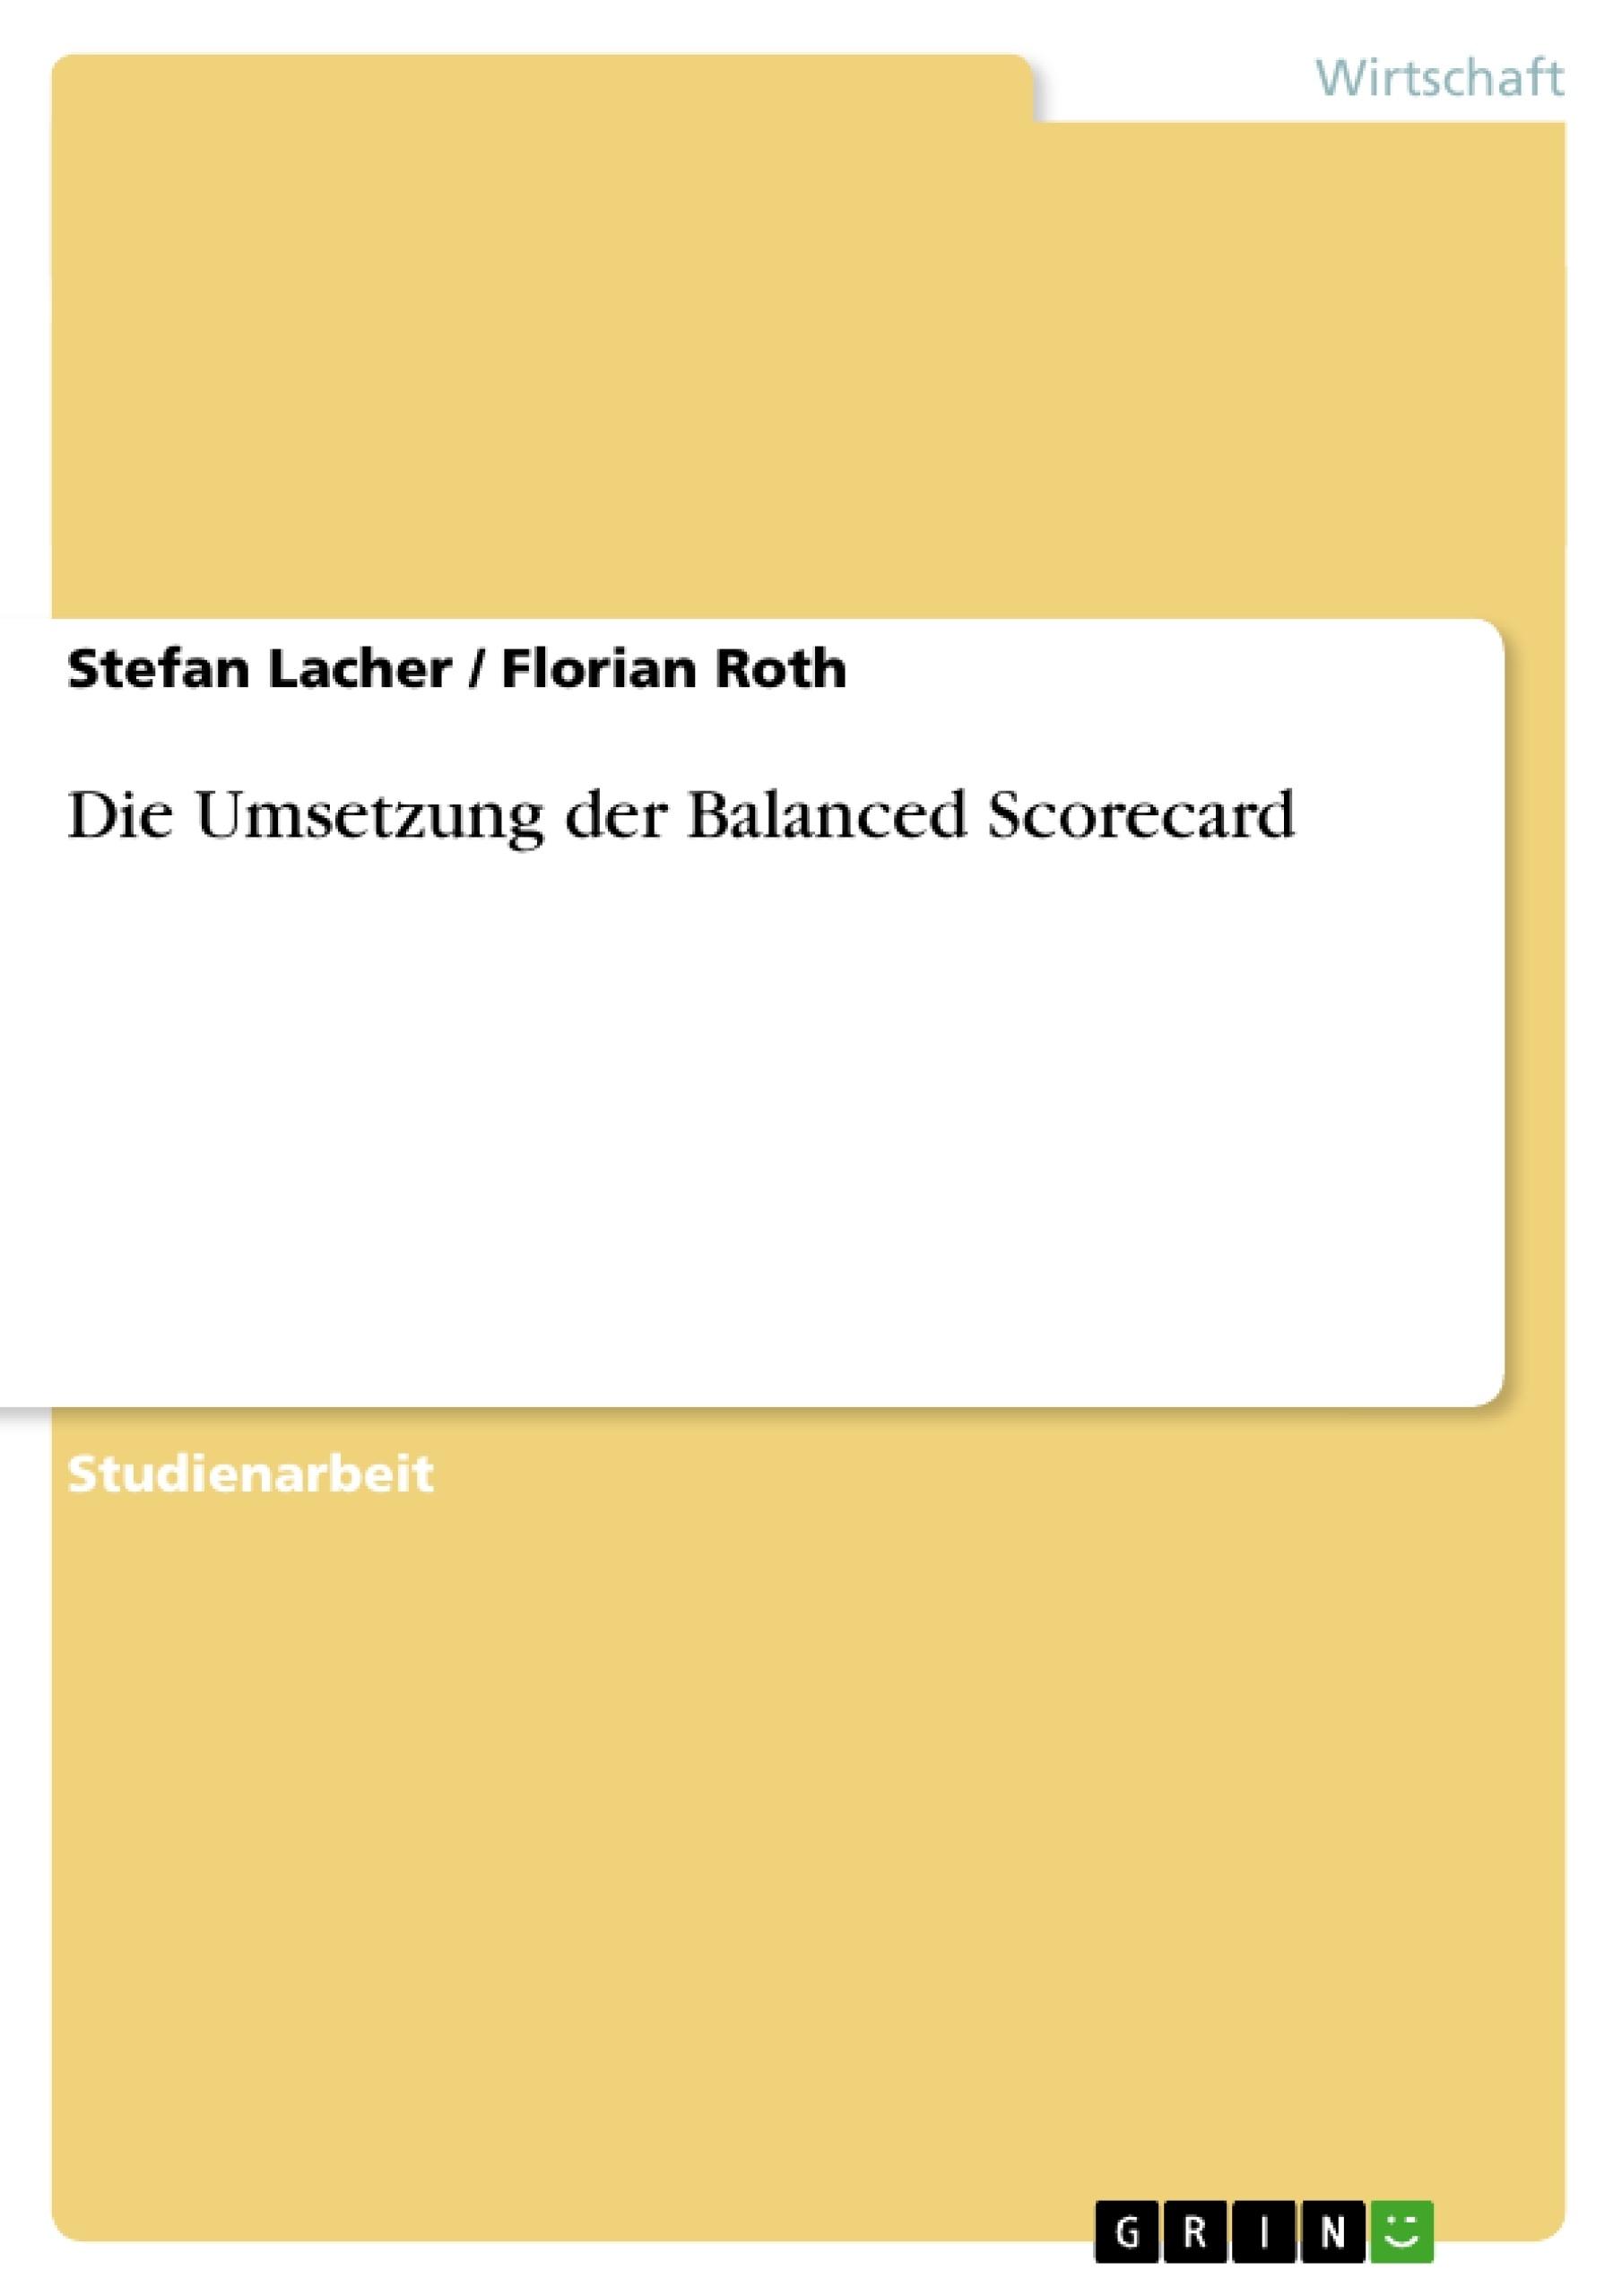 Titel: Die Umsetzung der Balanced Scorecard